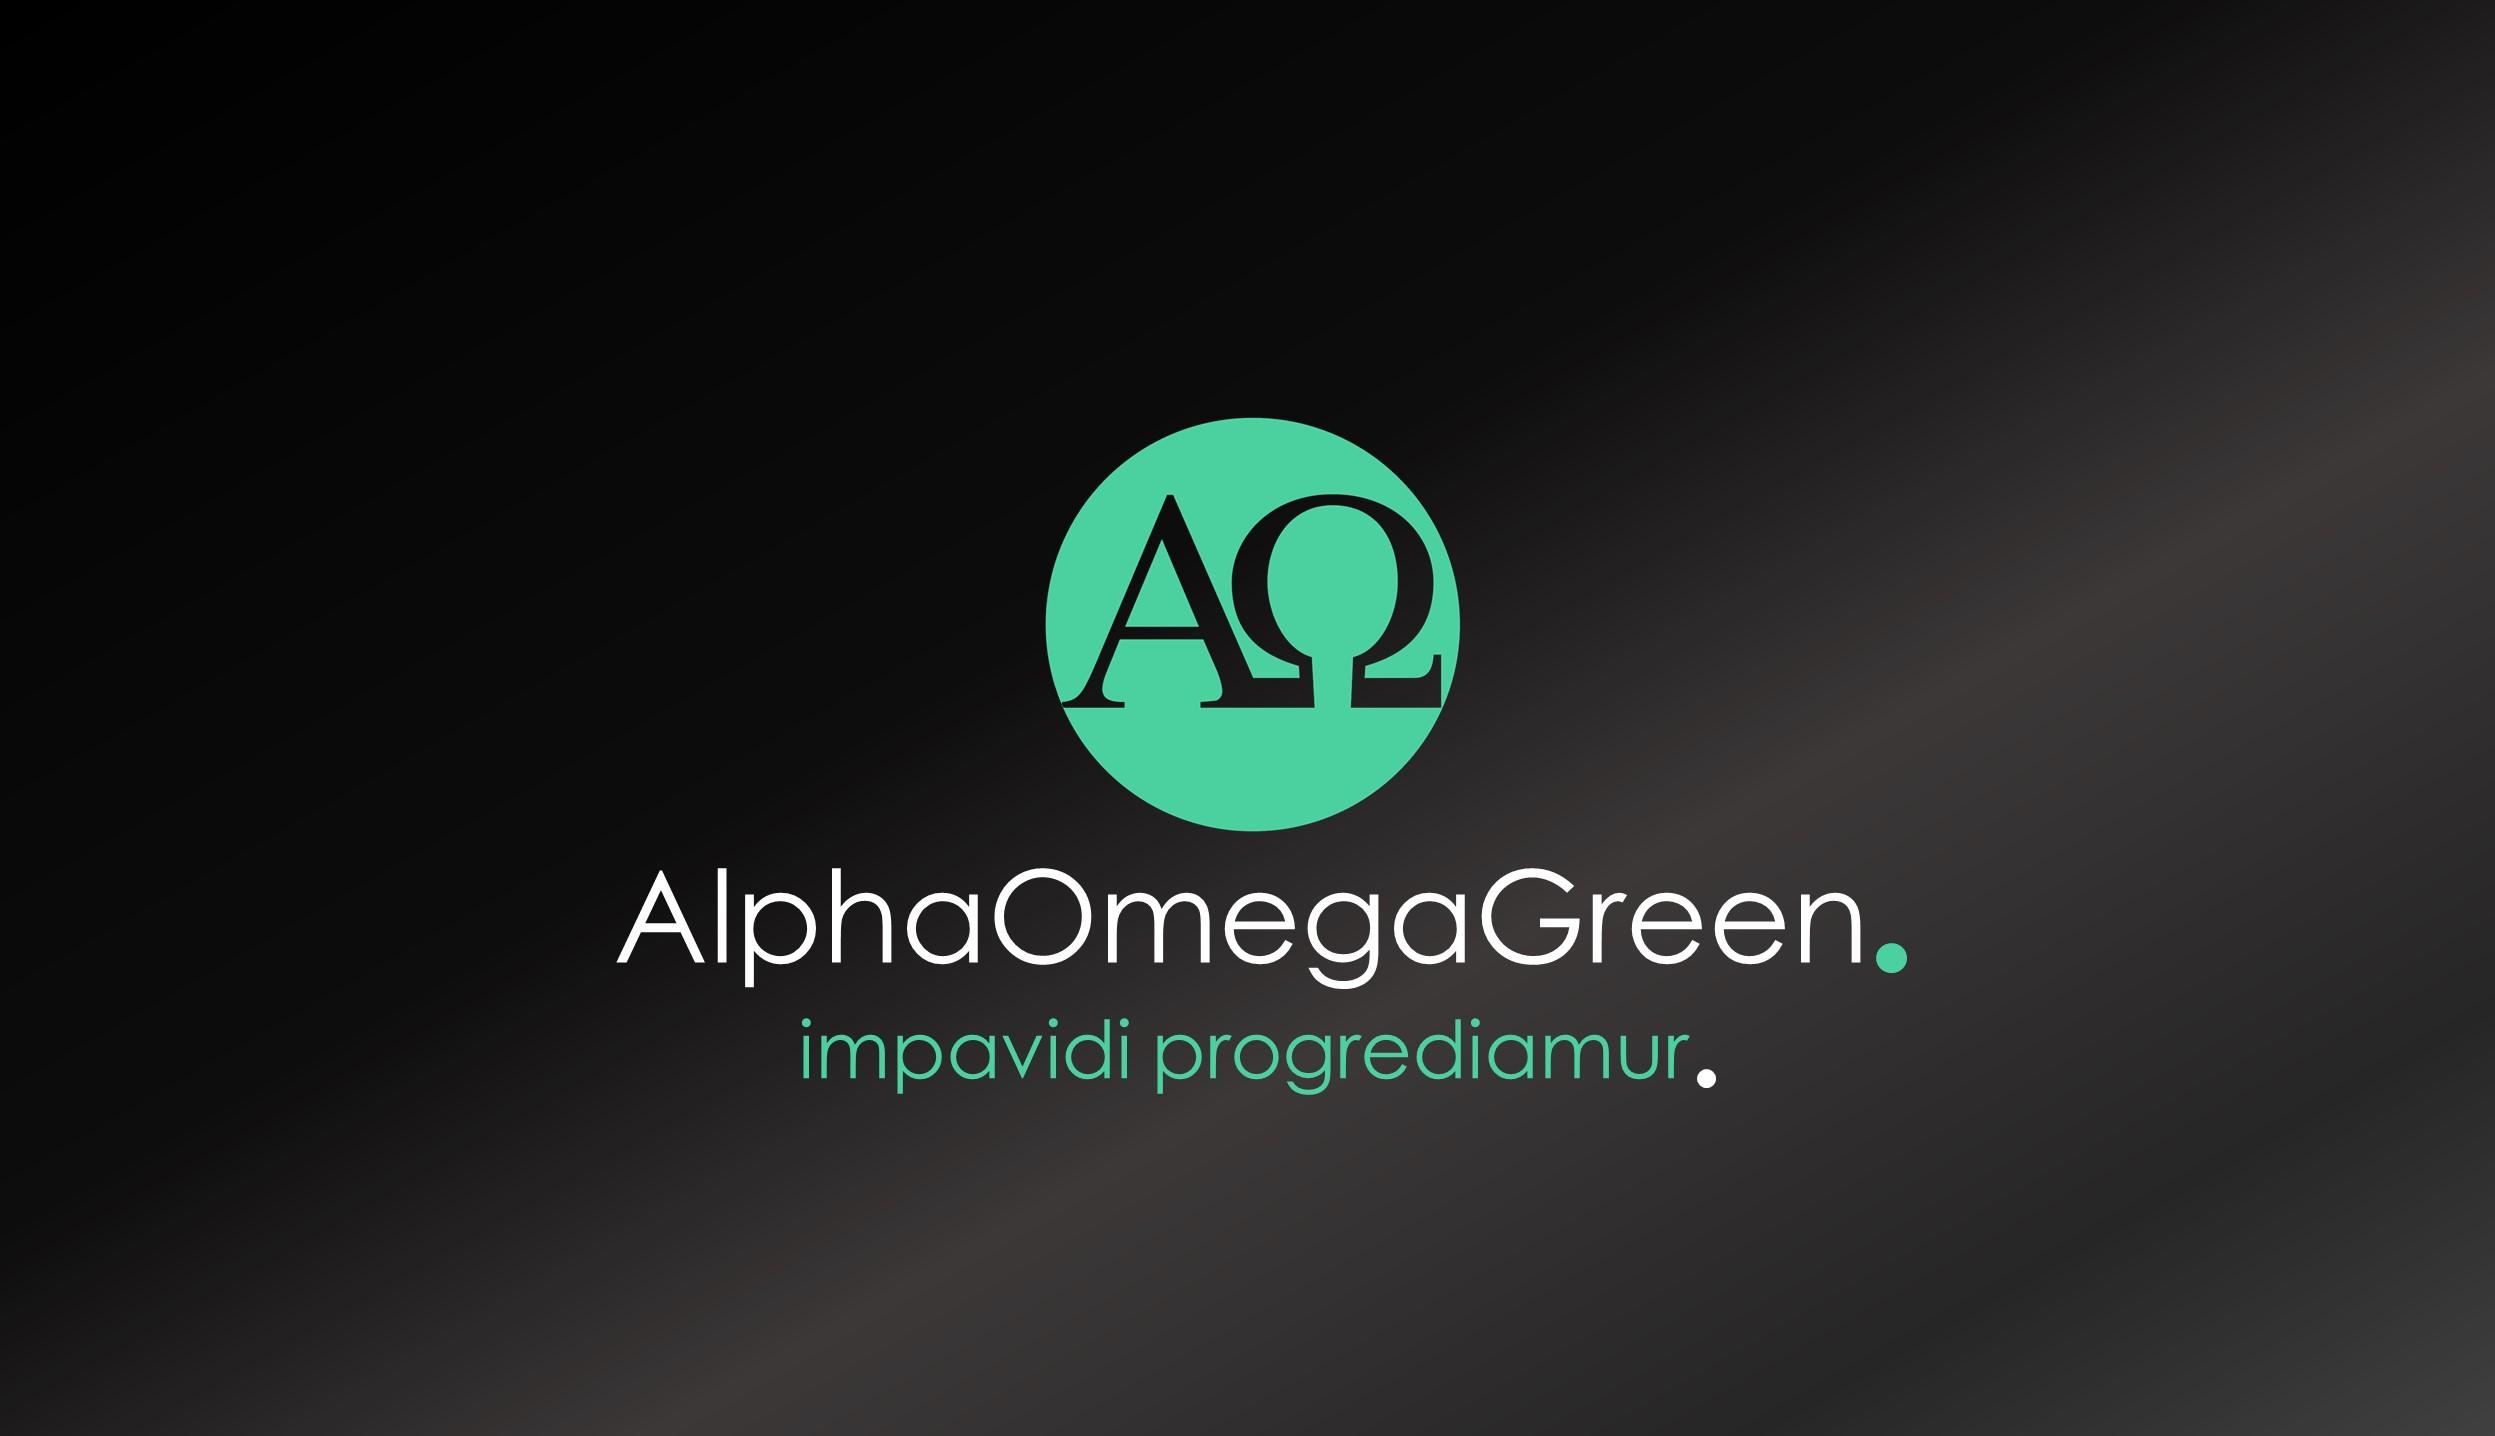 AlphaOmegaGreen